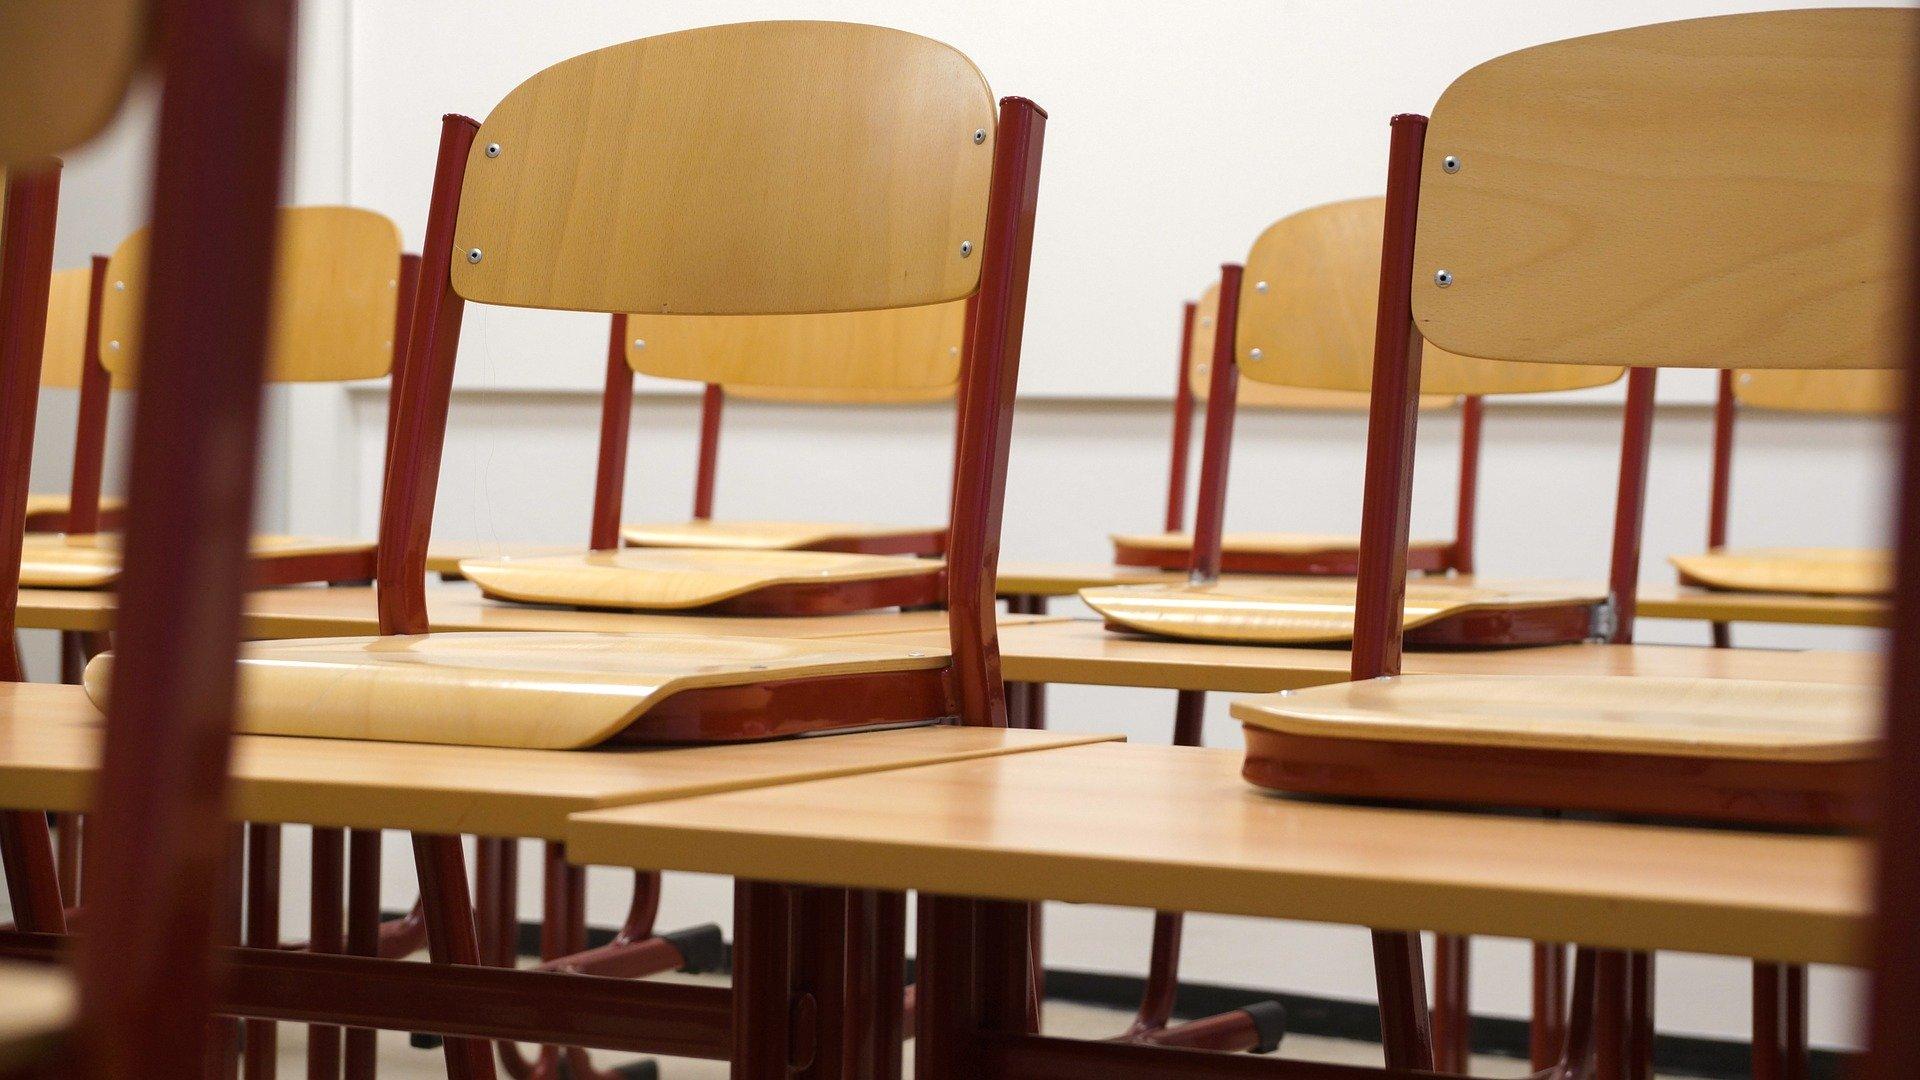 GRÜNE Gellersen fordern Luftfilter für Schulen und Kitas